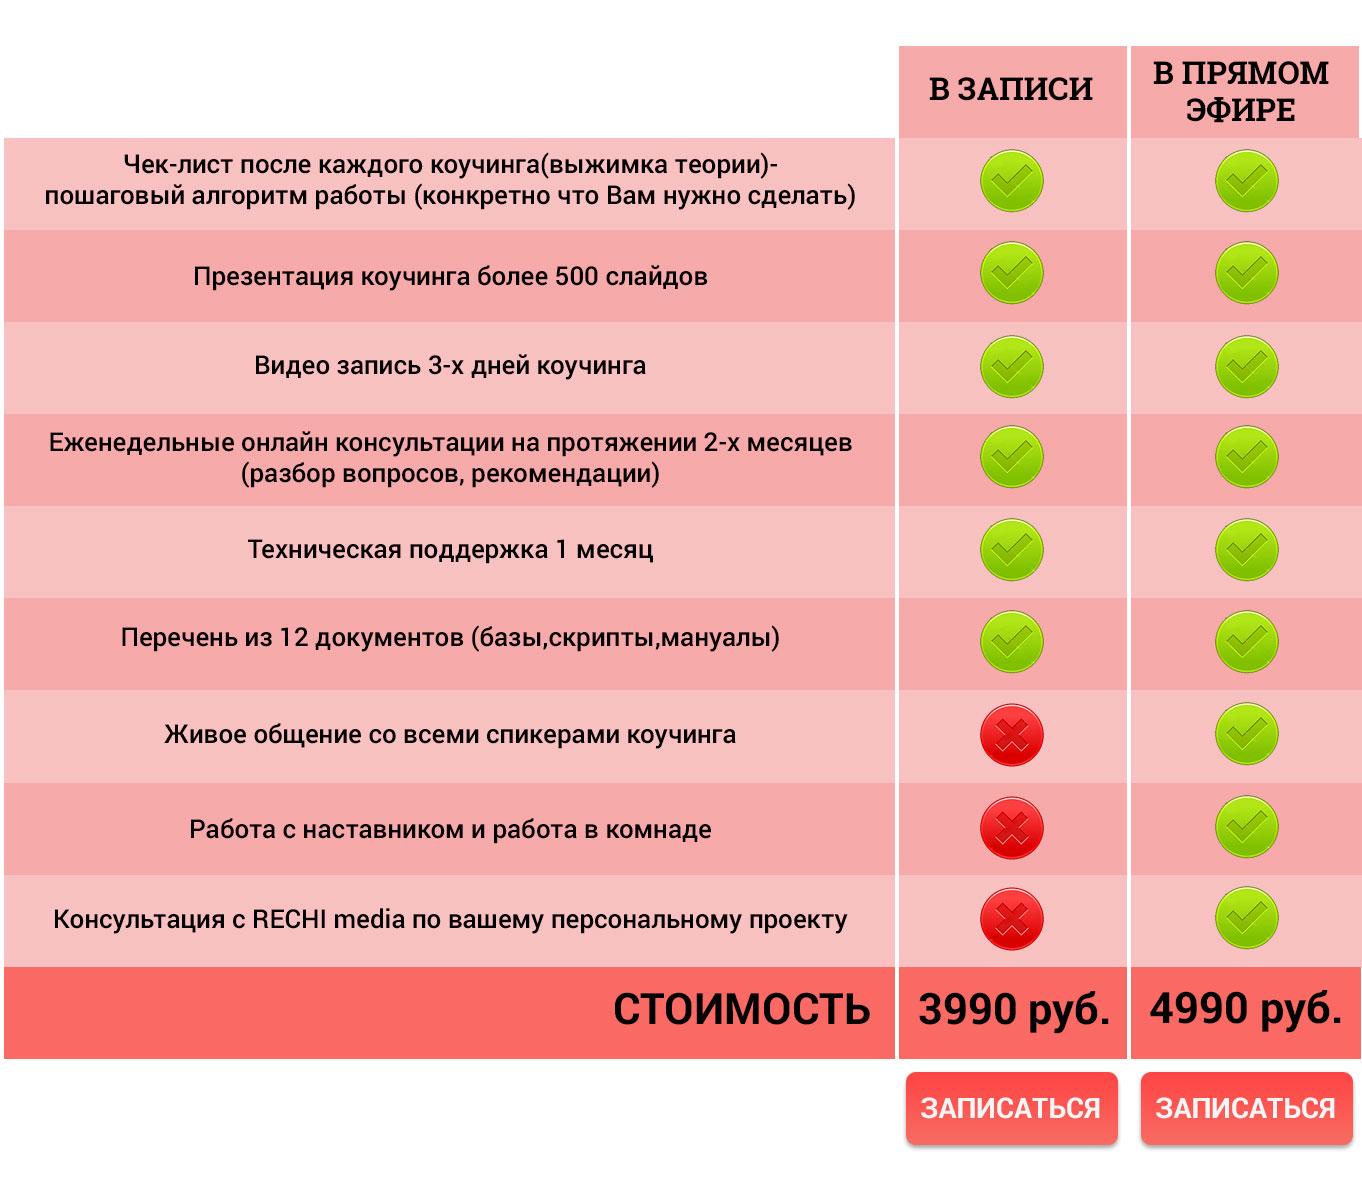 7 шагов для создания актива в INSTAGRAM | [Infoclub.PRO]